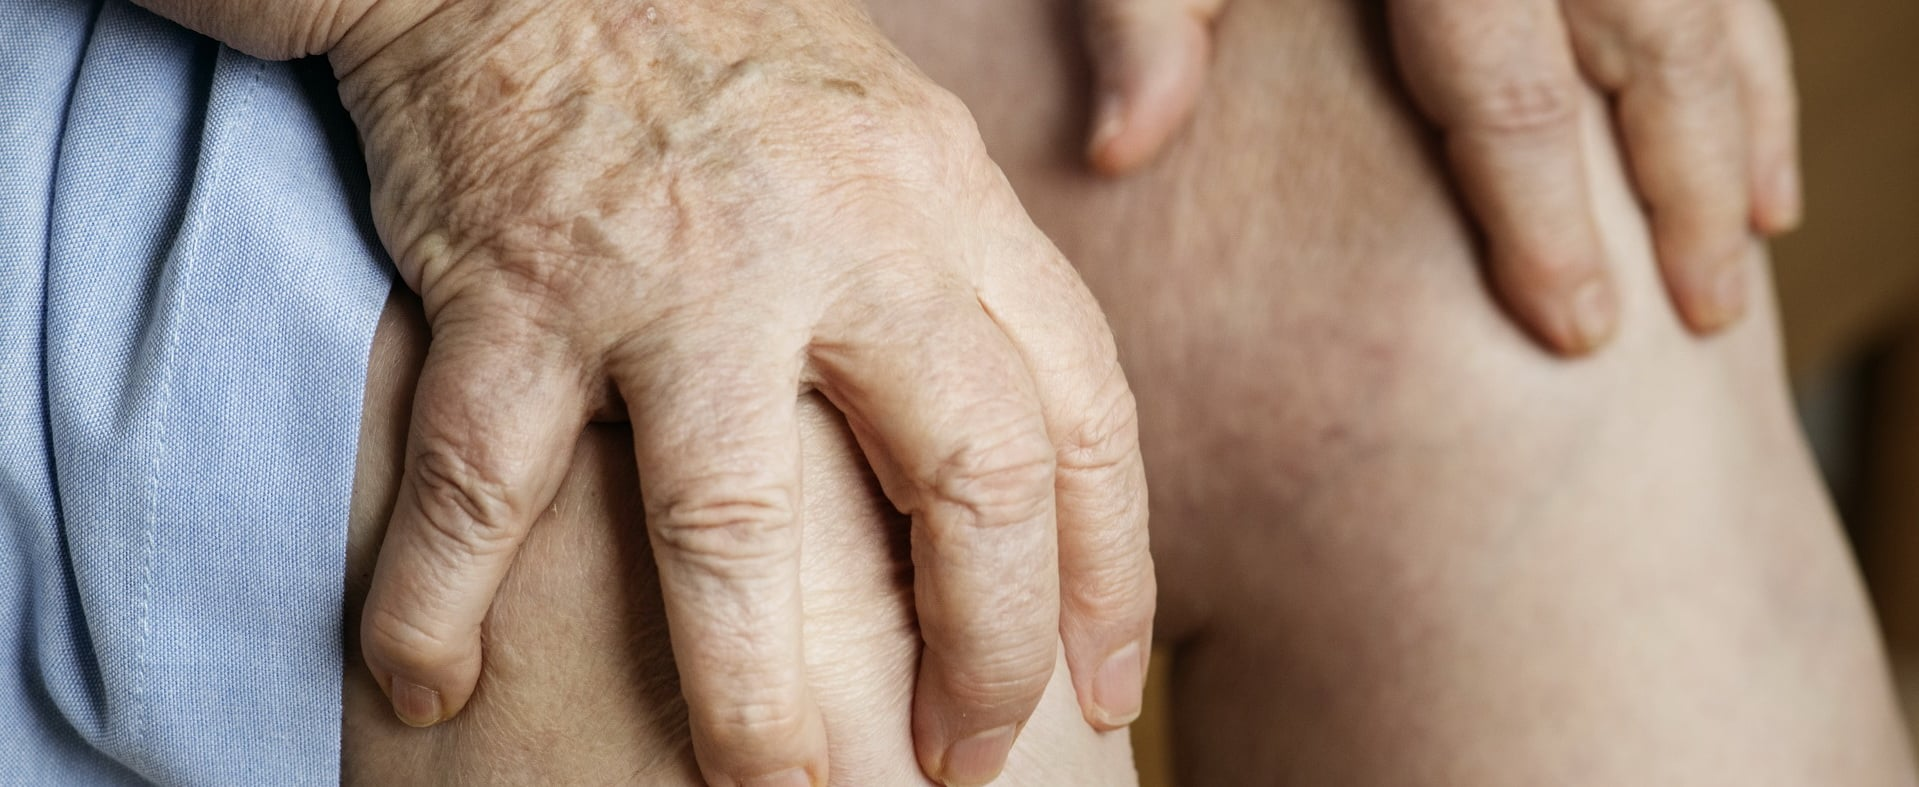 la gotta è uno dei problemi seri che la ritenzione idrica può causare